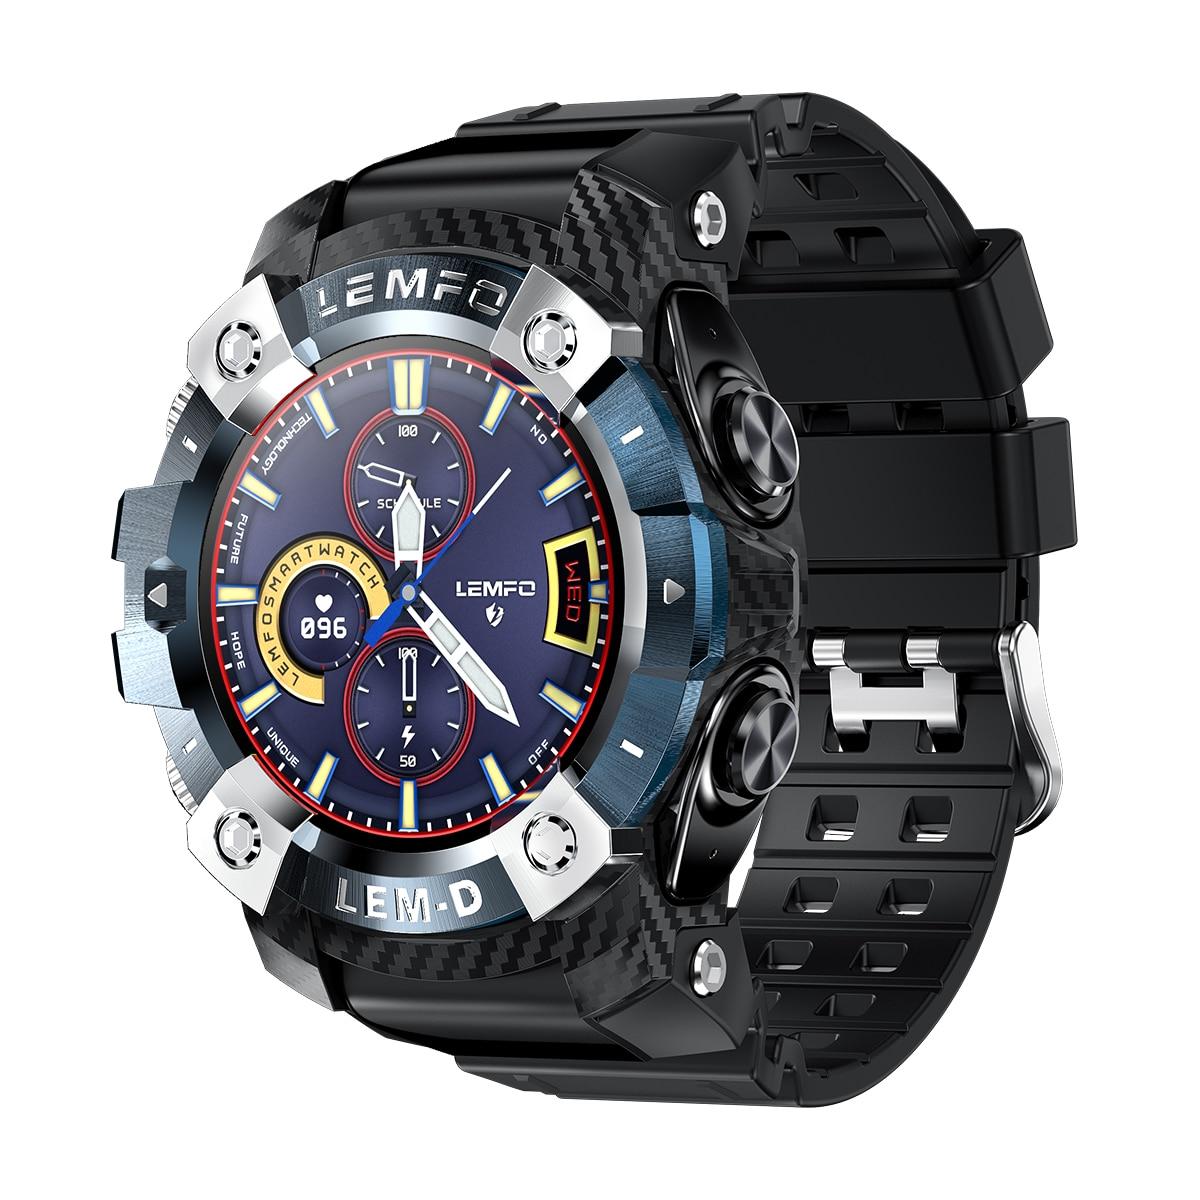 H03caa4ca15b84b93b53c544ff970e66fO LEMFO LEMD Smart Watch Wireless Bluetooth 5.0 Earphone 2 In 1